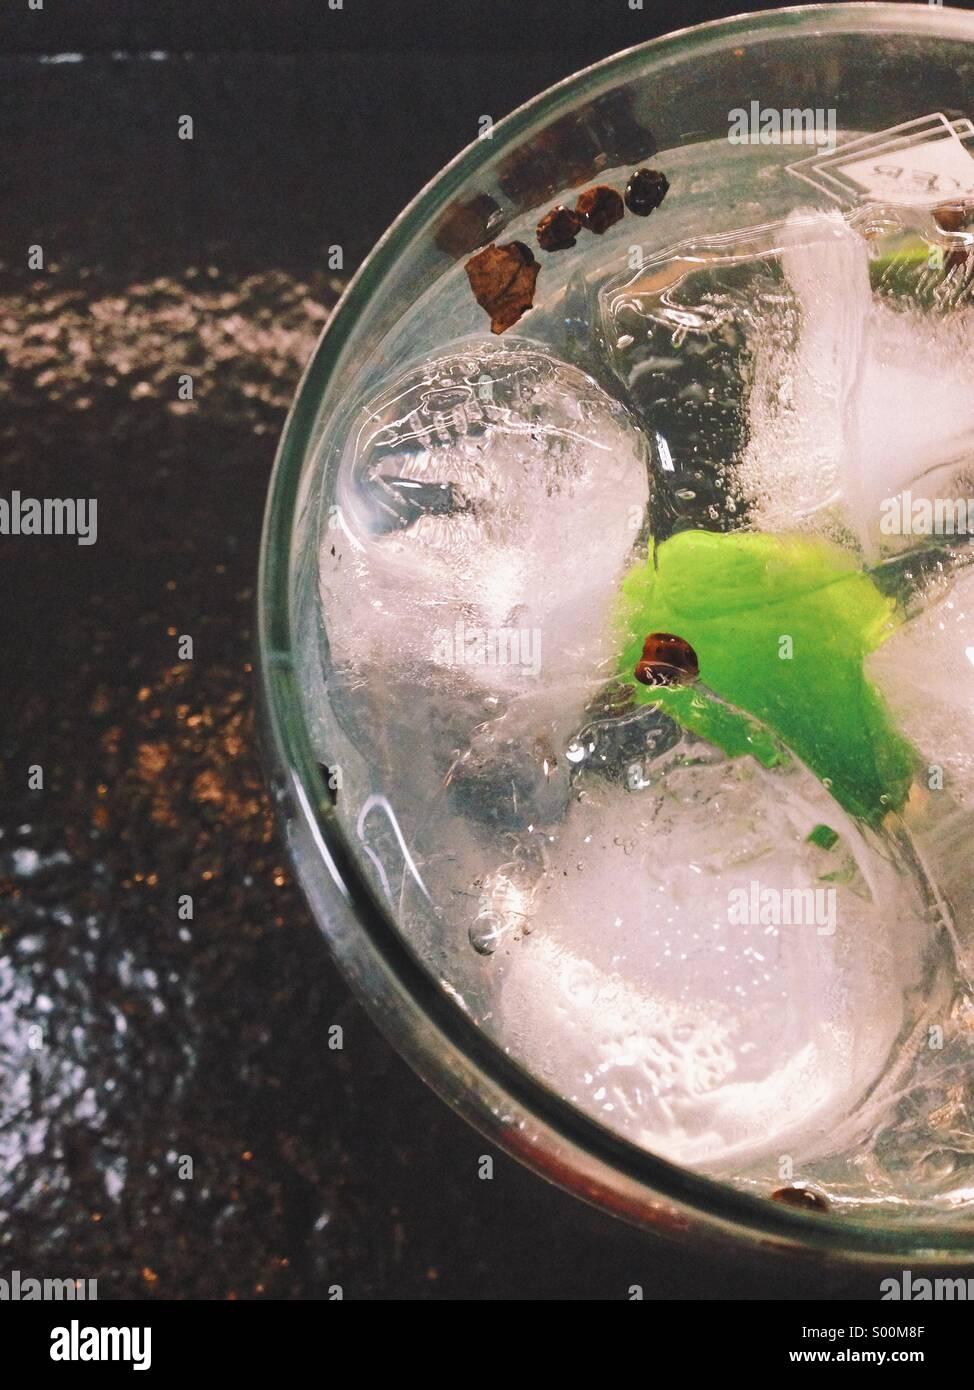 Nommé gintonic cocktail épicé de poivre et citron vert Photo Stock